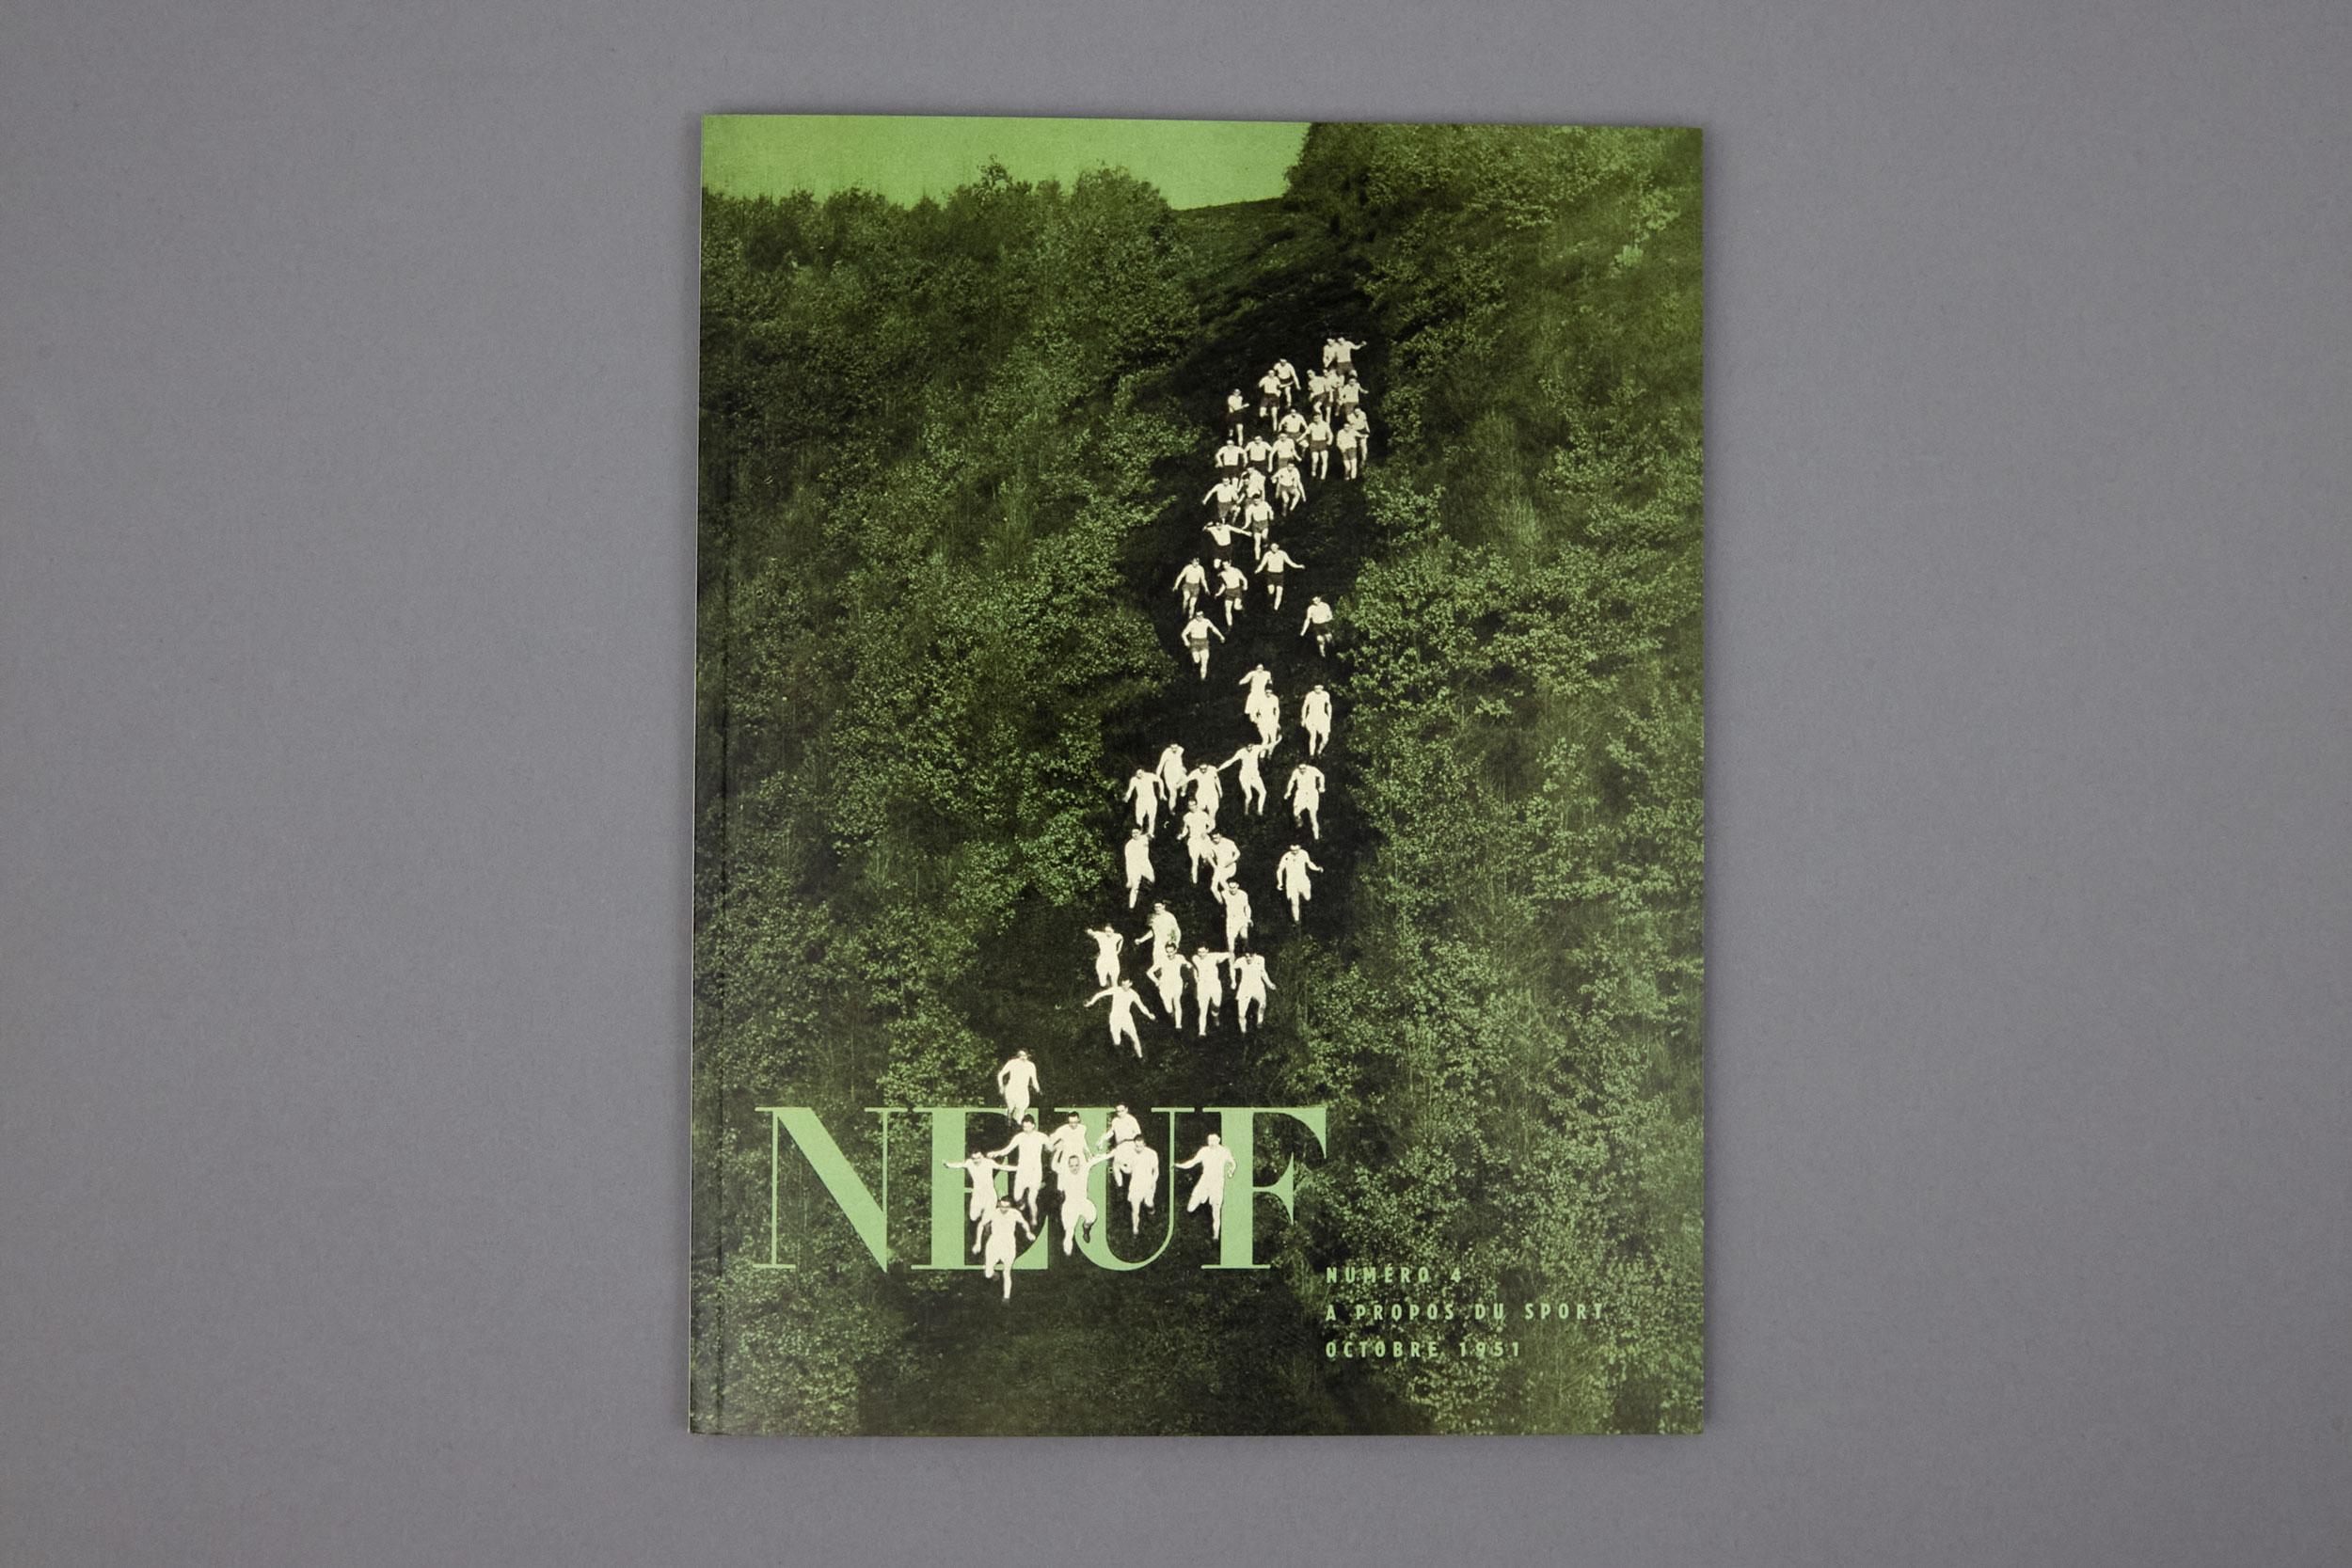 NEUF-4-sport-cover-delpire